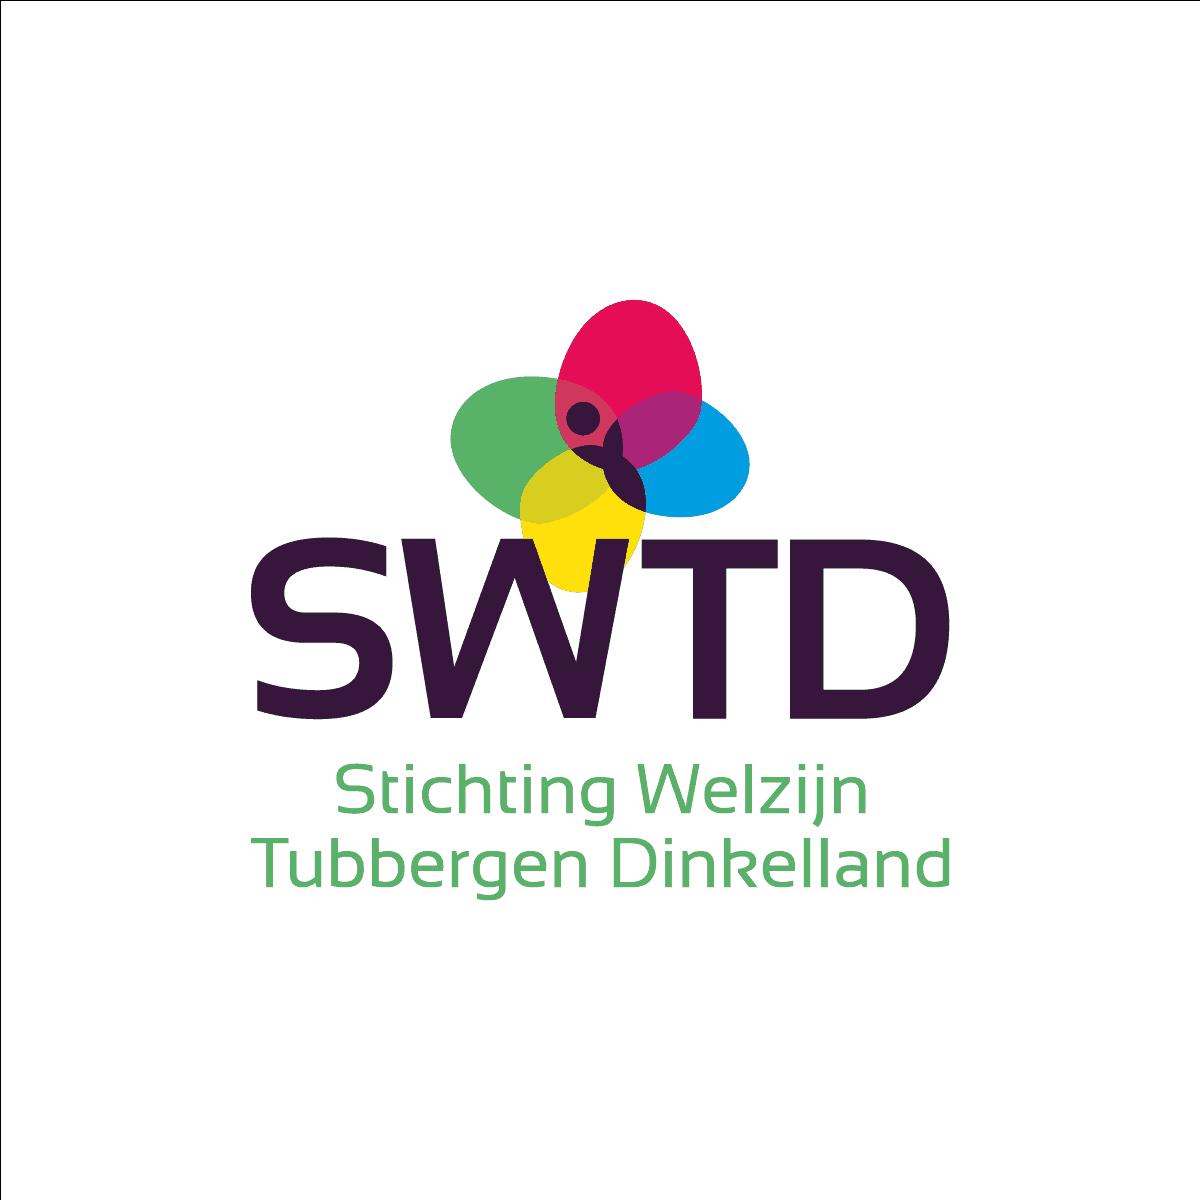 logo-ontwerp-swtd-burobedenkt